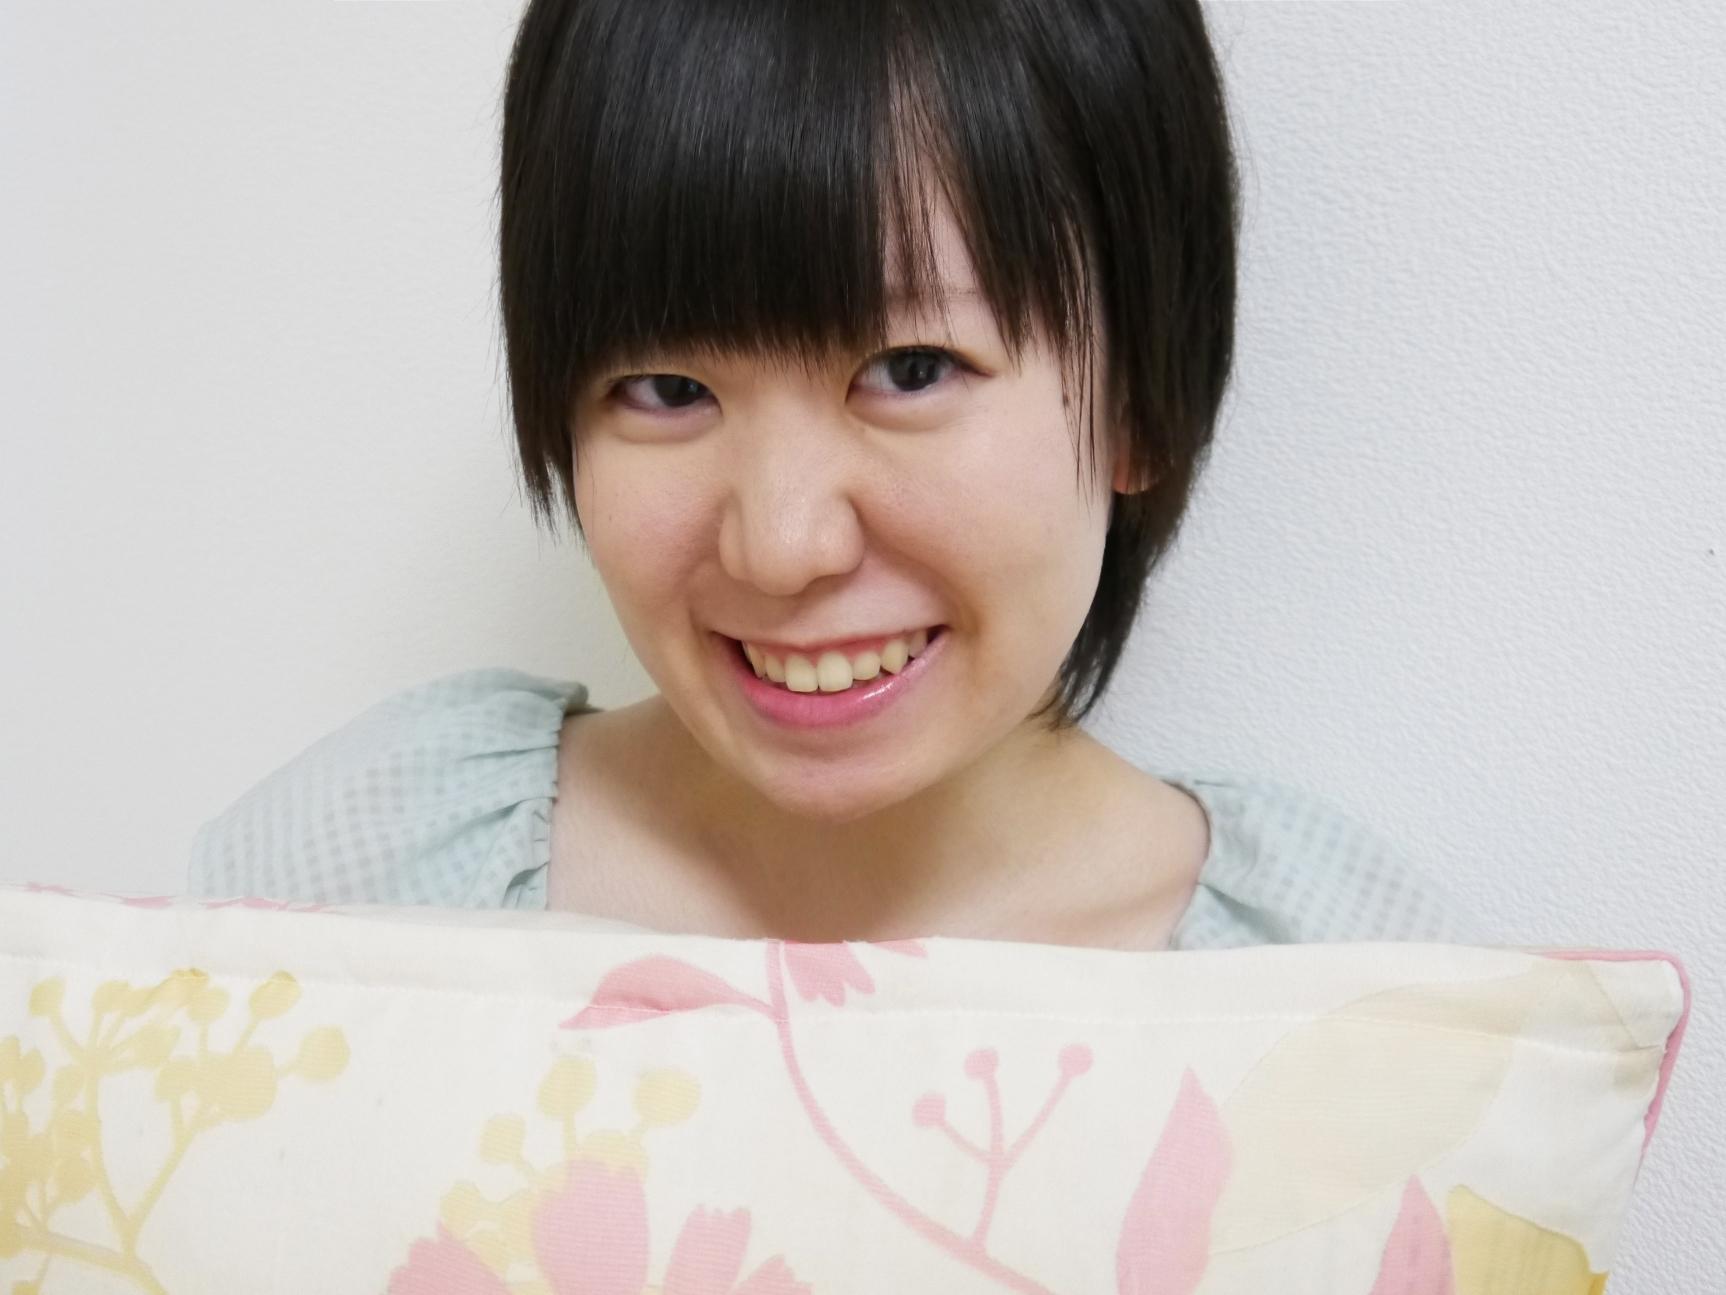 Reix2 - Japanese webcam girl